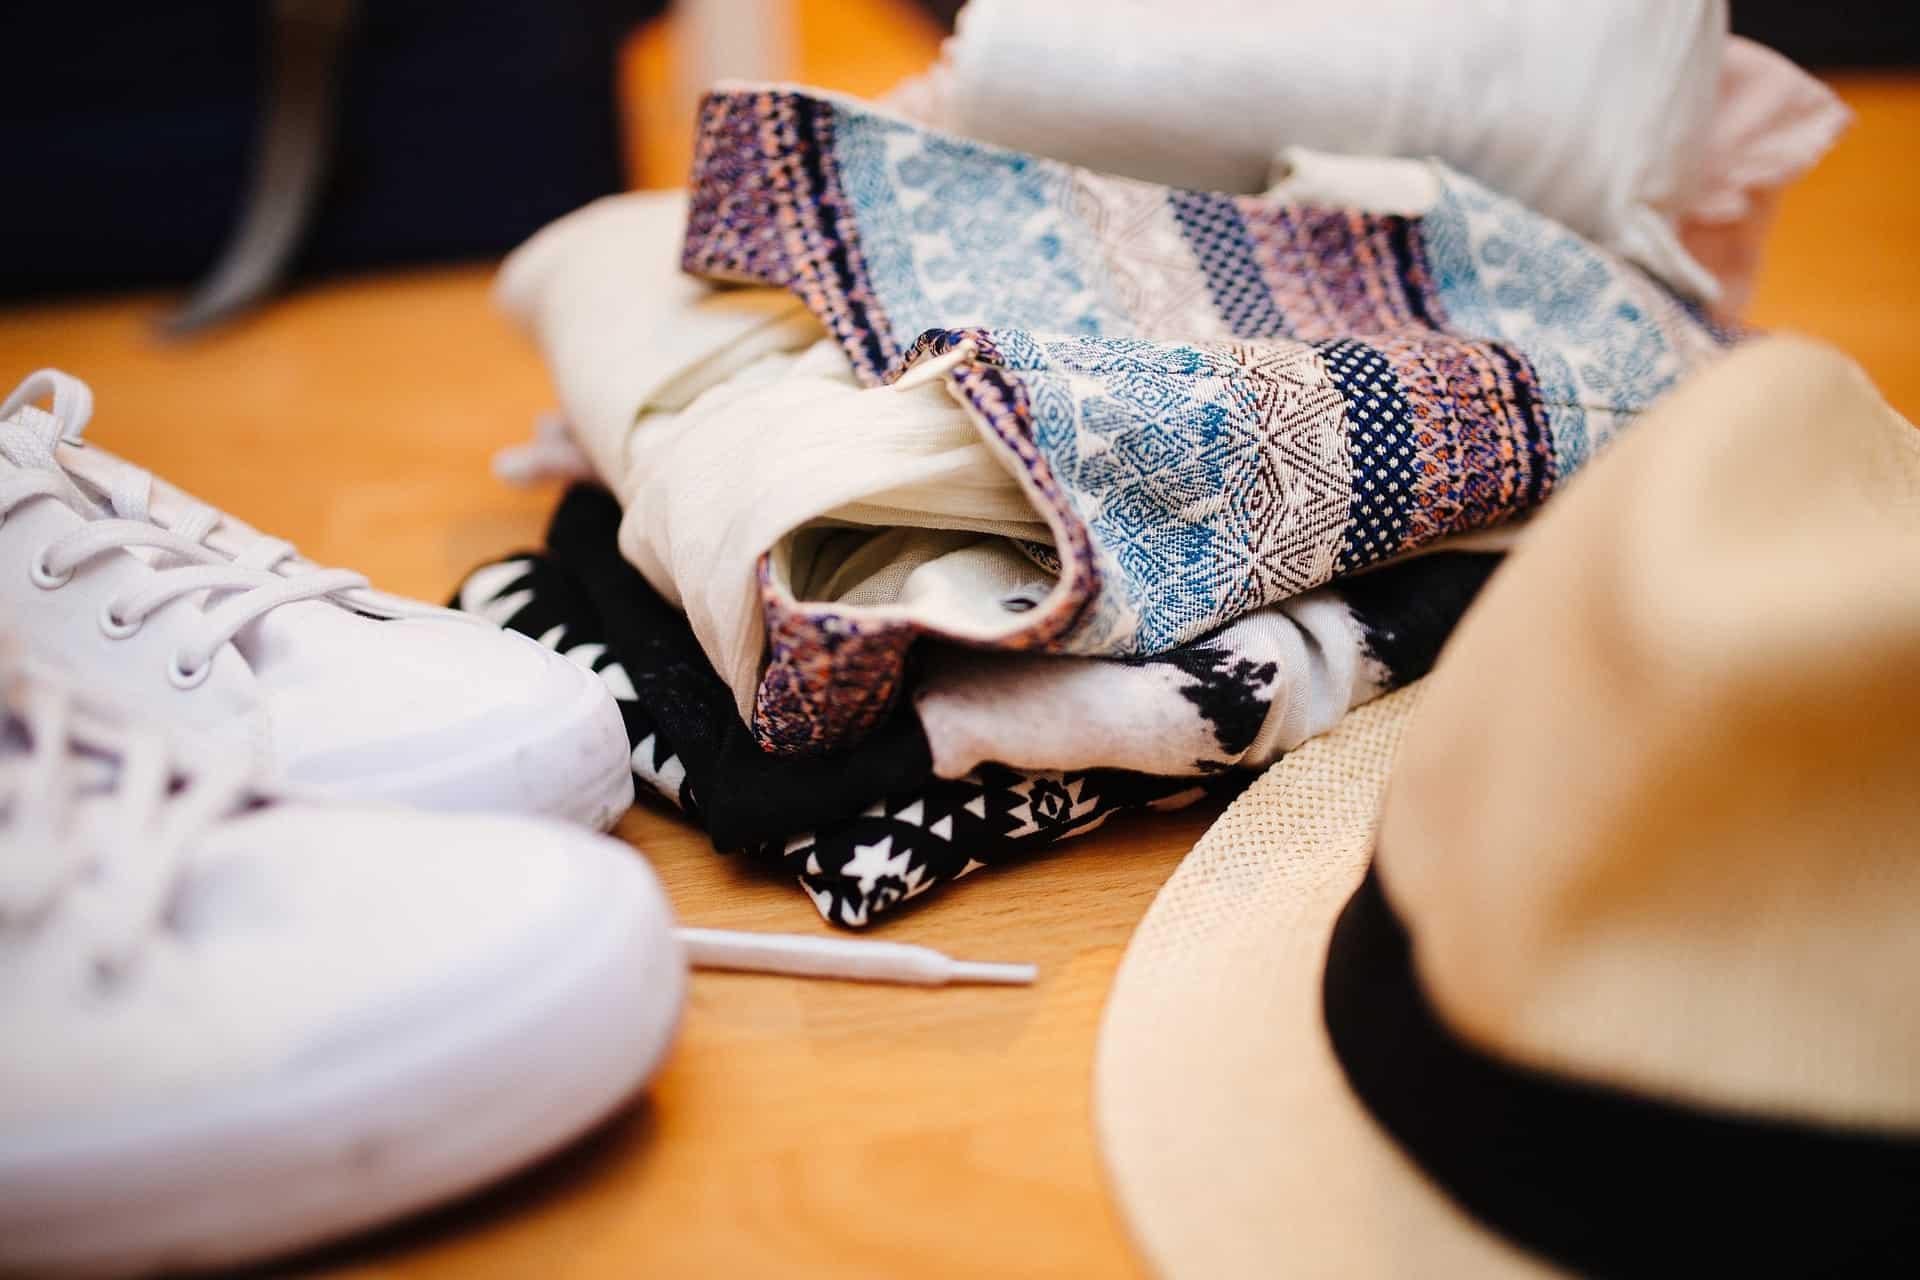 Viaggiare con stile: cosa mettere e cosa non mettere in valigia